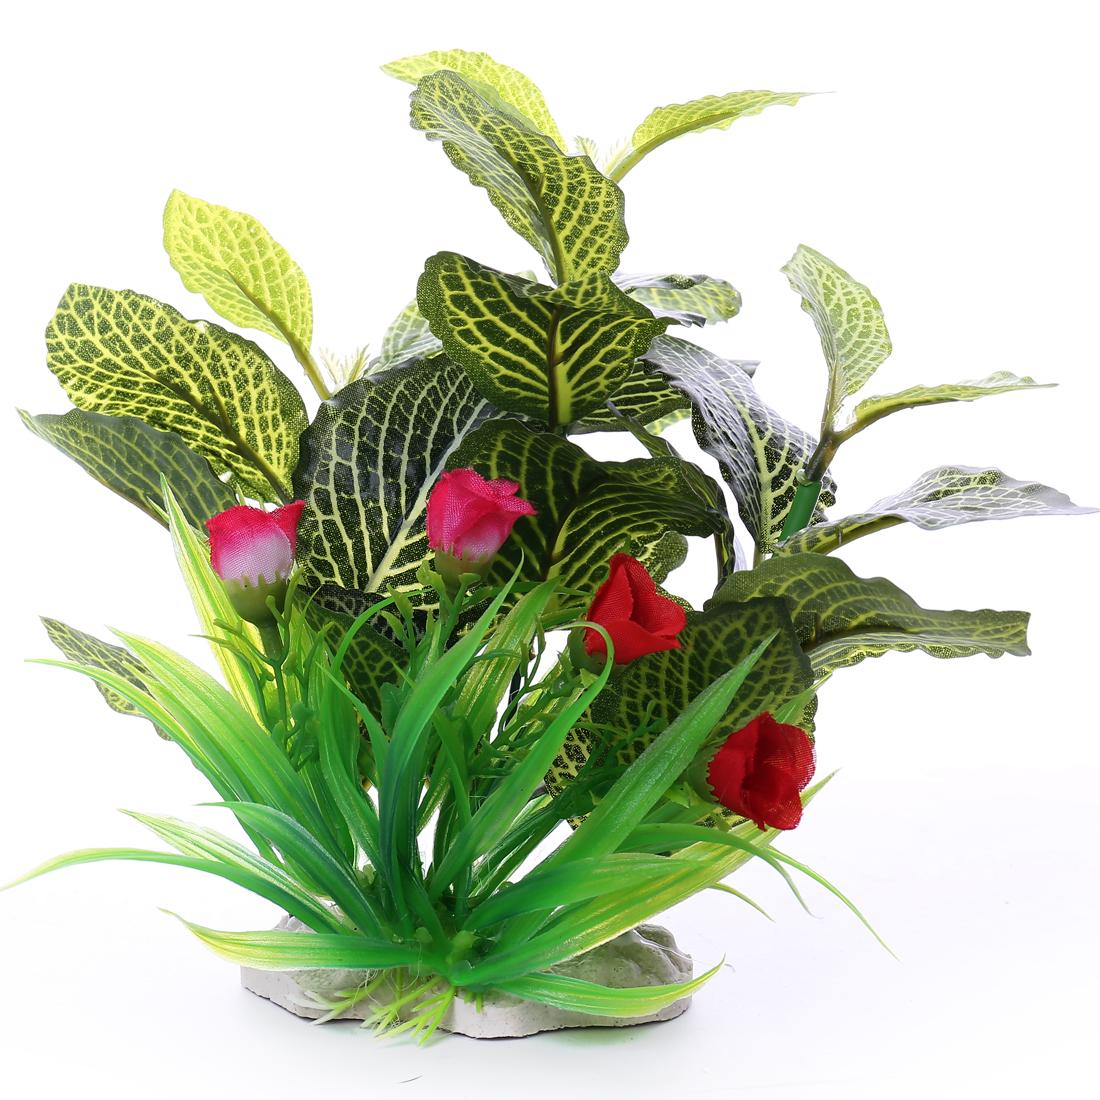 18cm max long Feuille Fleur Plante aquatique en plastique Décoration d'aquarium